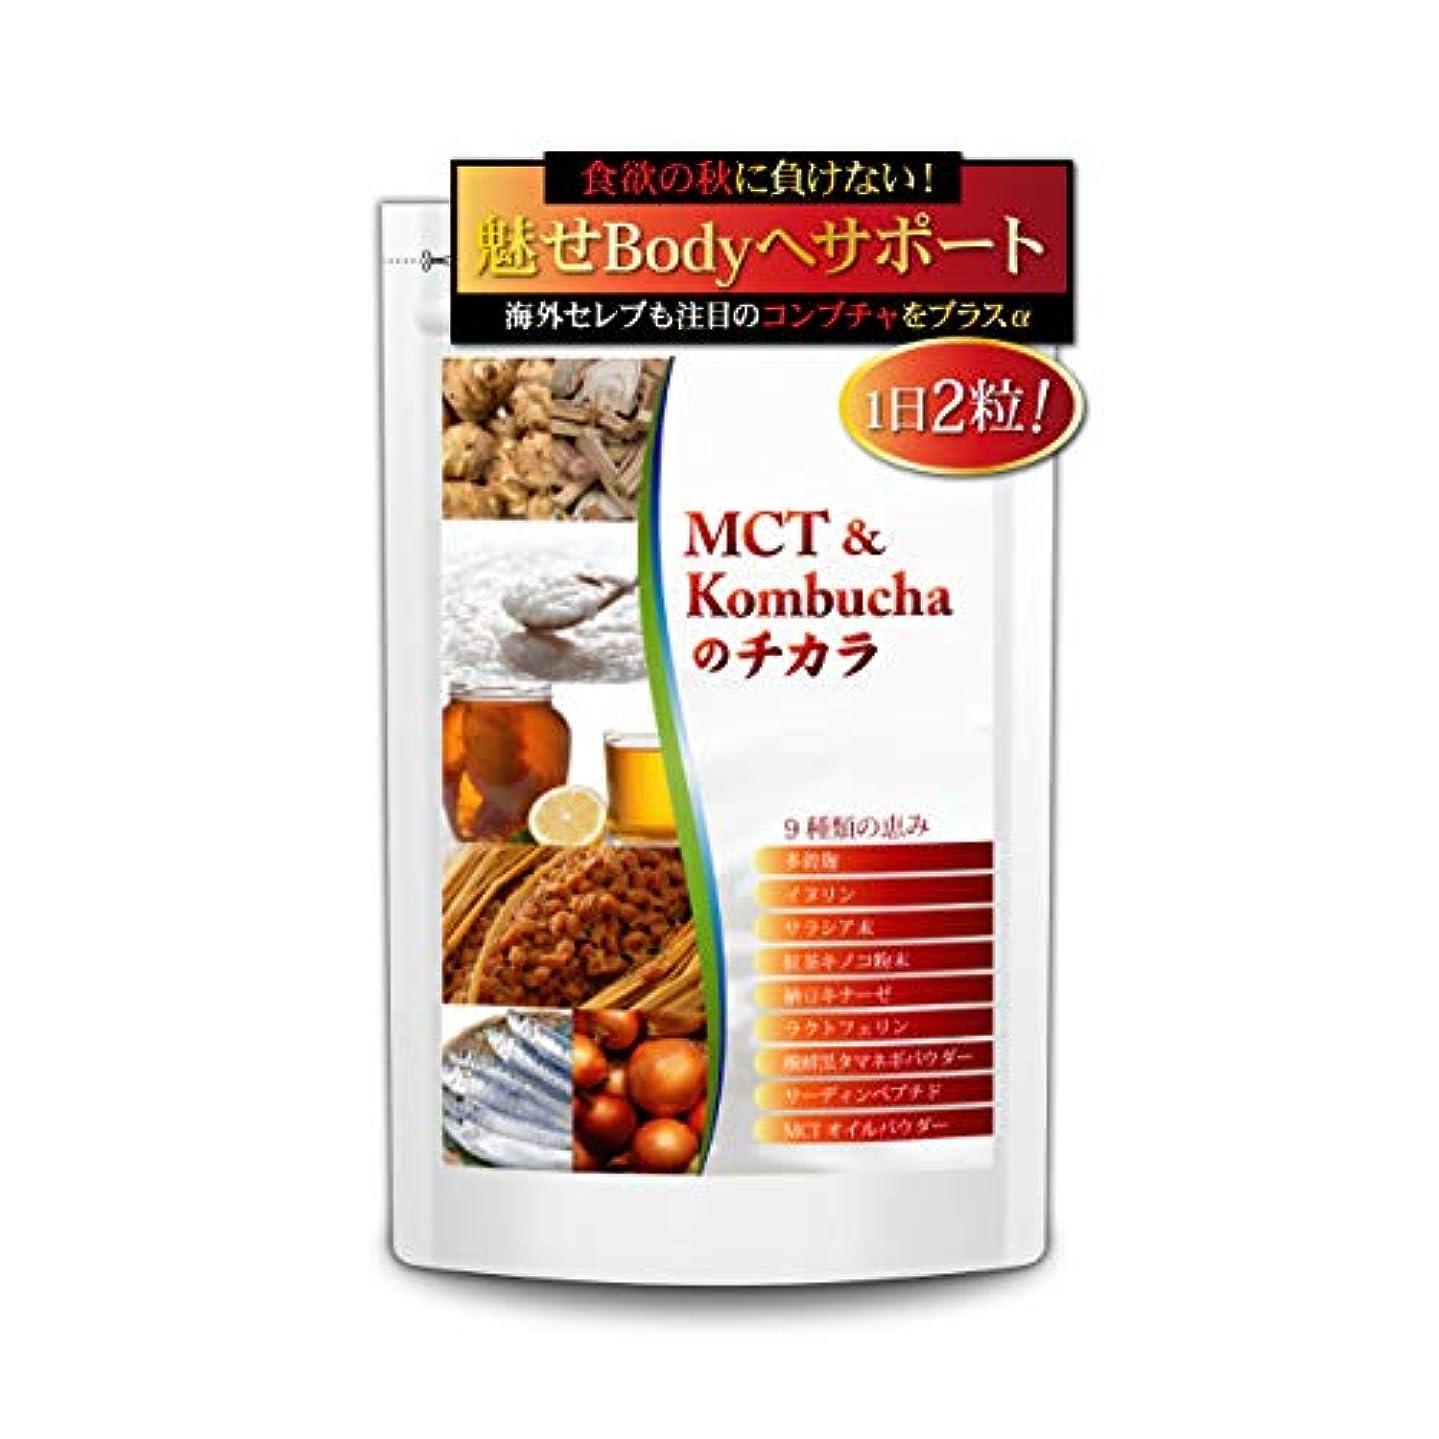 俳優に向けて出発記念品MCT&Kombuchaのチカラ コンブチャ 麹 MCTオイル ダイエット サプリメント 60粒?約30日分